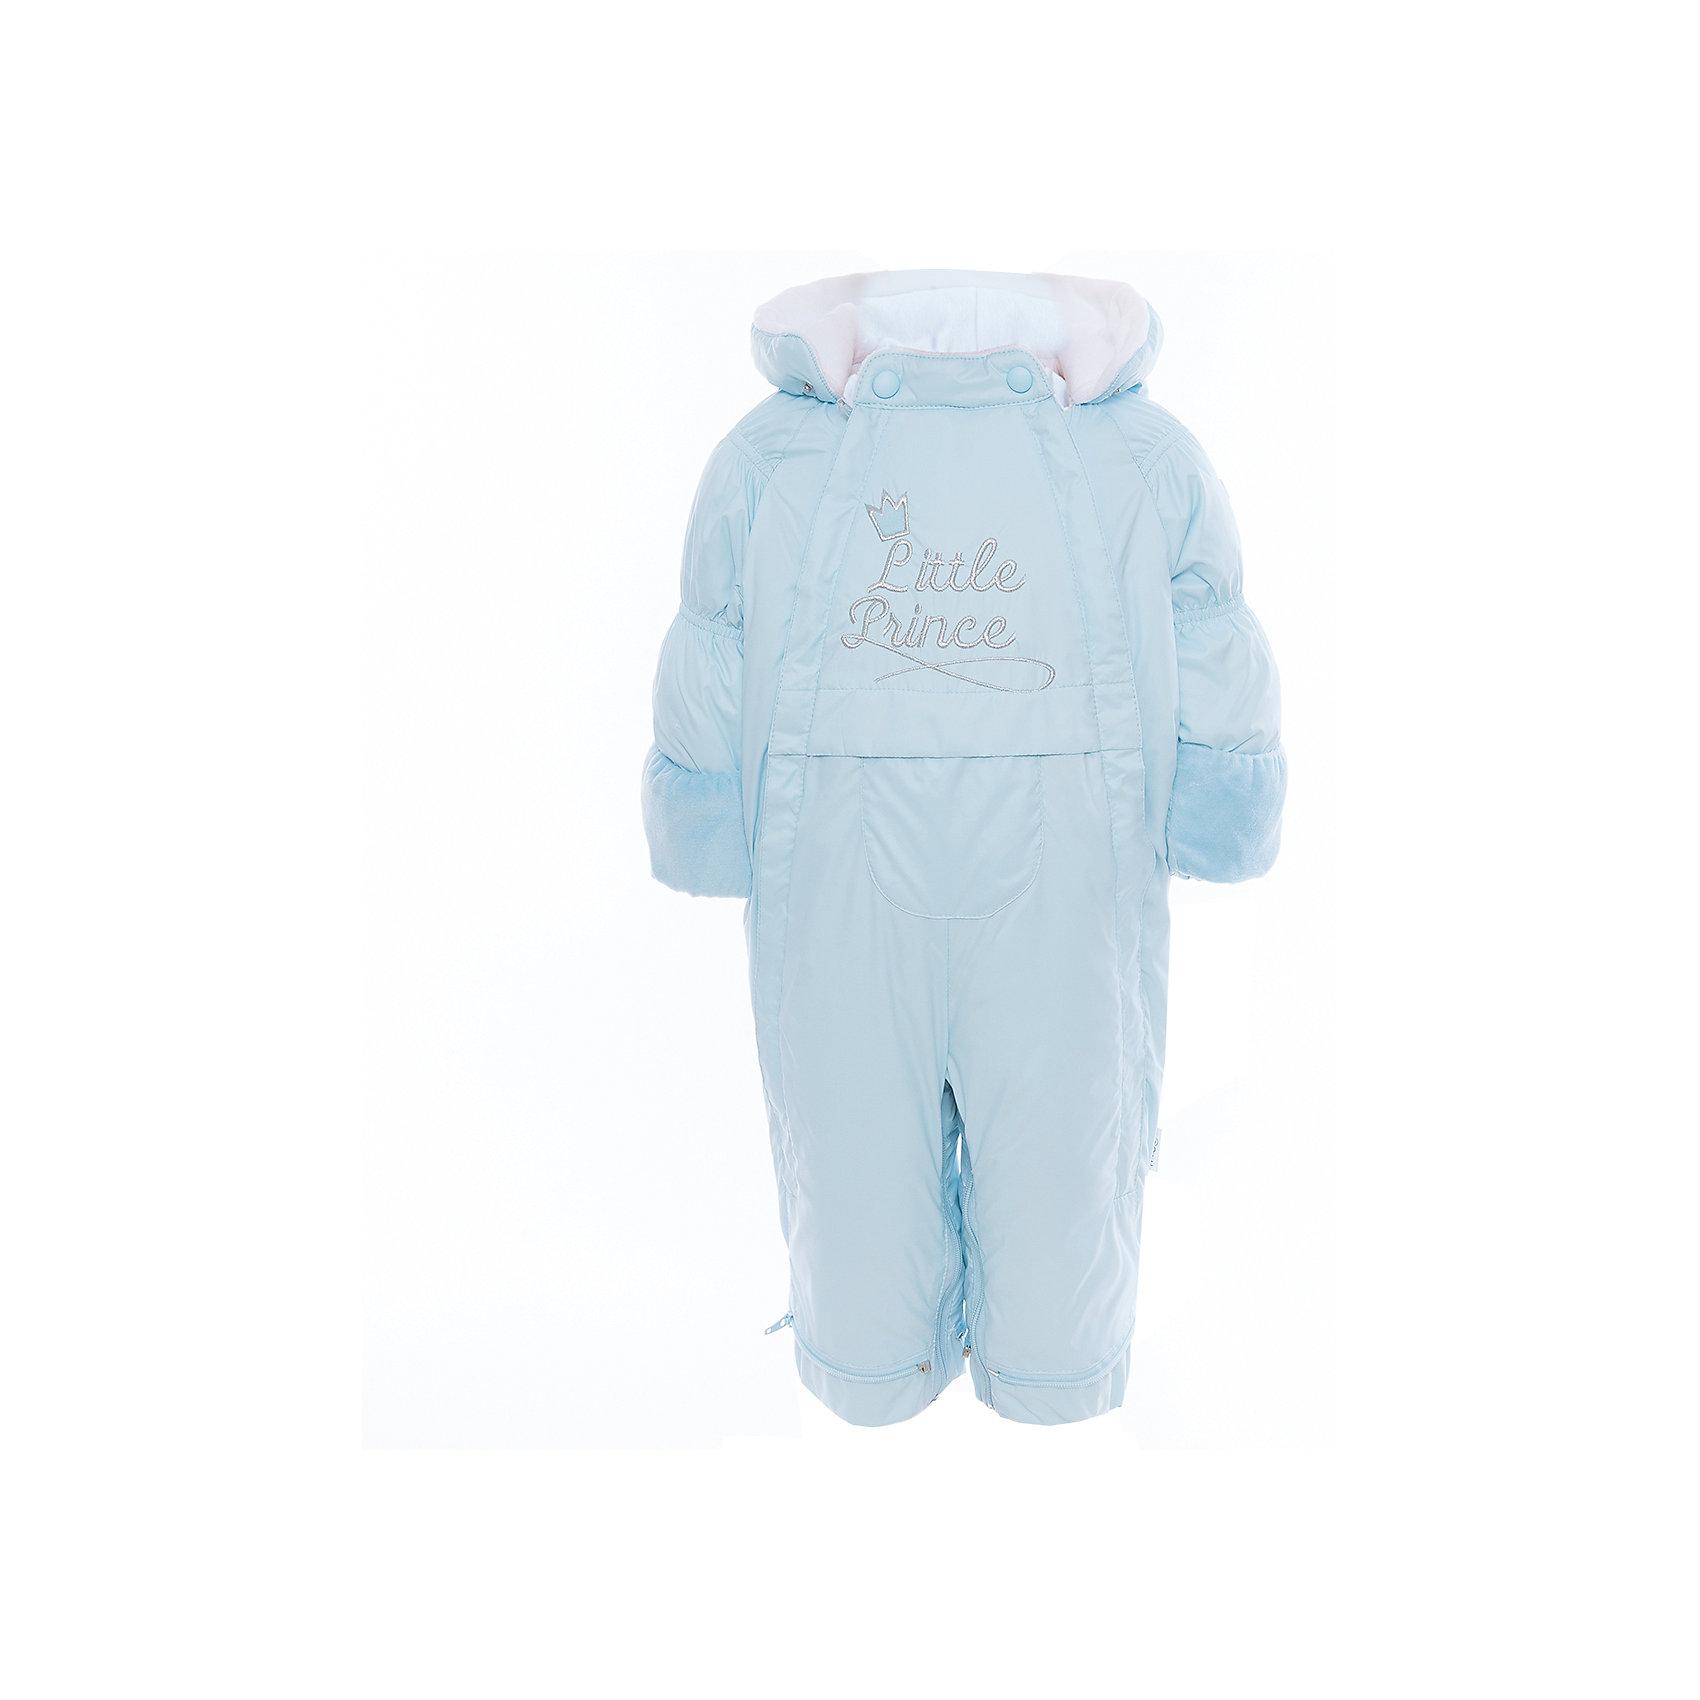 Комбинезон детский BOOM by OrbyВерхняя одежда<br>Характеристики товара:<br><br>• цвет: голубой<br>• состав: верх - болонь, подкладка - поликоттон, утеплитель: эко-синтепон 150 г/м2<br>• температурный режим: от -5 С° до +10 С° <br>• капюшон<br>• застежка - молния<br>• планка от ветра<br>• отделка велюром<br>• декорирована вышивкой<br>• комфортная посадка<br>• страна производства: Российская Федерация<br>• страна бренда: Российская Федерация<br>• коллекция: весна-лето 2017<br><br>Одежда для самых маленьких должна быть особо комфортной! Такой комбинезон - отличный вариант для межсезонья с постоянно меняющейся погодой. Эта модель - модная и удобная одновременно! Изделие отличается стильным ярким дизайном. Комбинезон дополнен мягкой подкладкой. Вещь была разработана специально для малышей.<br><br>Одежда от российского бренда BOOM by Orby уже завоевала популярностью у многих детей и их родителей. Вещи, выпускаемые компанией, качественные, продуманные и очень удобные. Для производства коллекций используются только безопасные для детей материалы. Спешите приобрести модели из новой коллекции Весна-лето 2017! <br><br>Комбинезон детский от бренда BOOM by Orby можно купить в нашем интернет-магазине.<br><br>Ширина мм: 356<br>Глубина мм: 10<br>Высота мм: 245<br>Вес г: 519<br>Цвет: голубой<br>Возраст от месяцев: 2<br>Возраст до месяцев: 5<br>Пол: Унисекс<br>Возраст: Детский<br>Размер: 62,74,68<br>SKU: 5343545